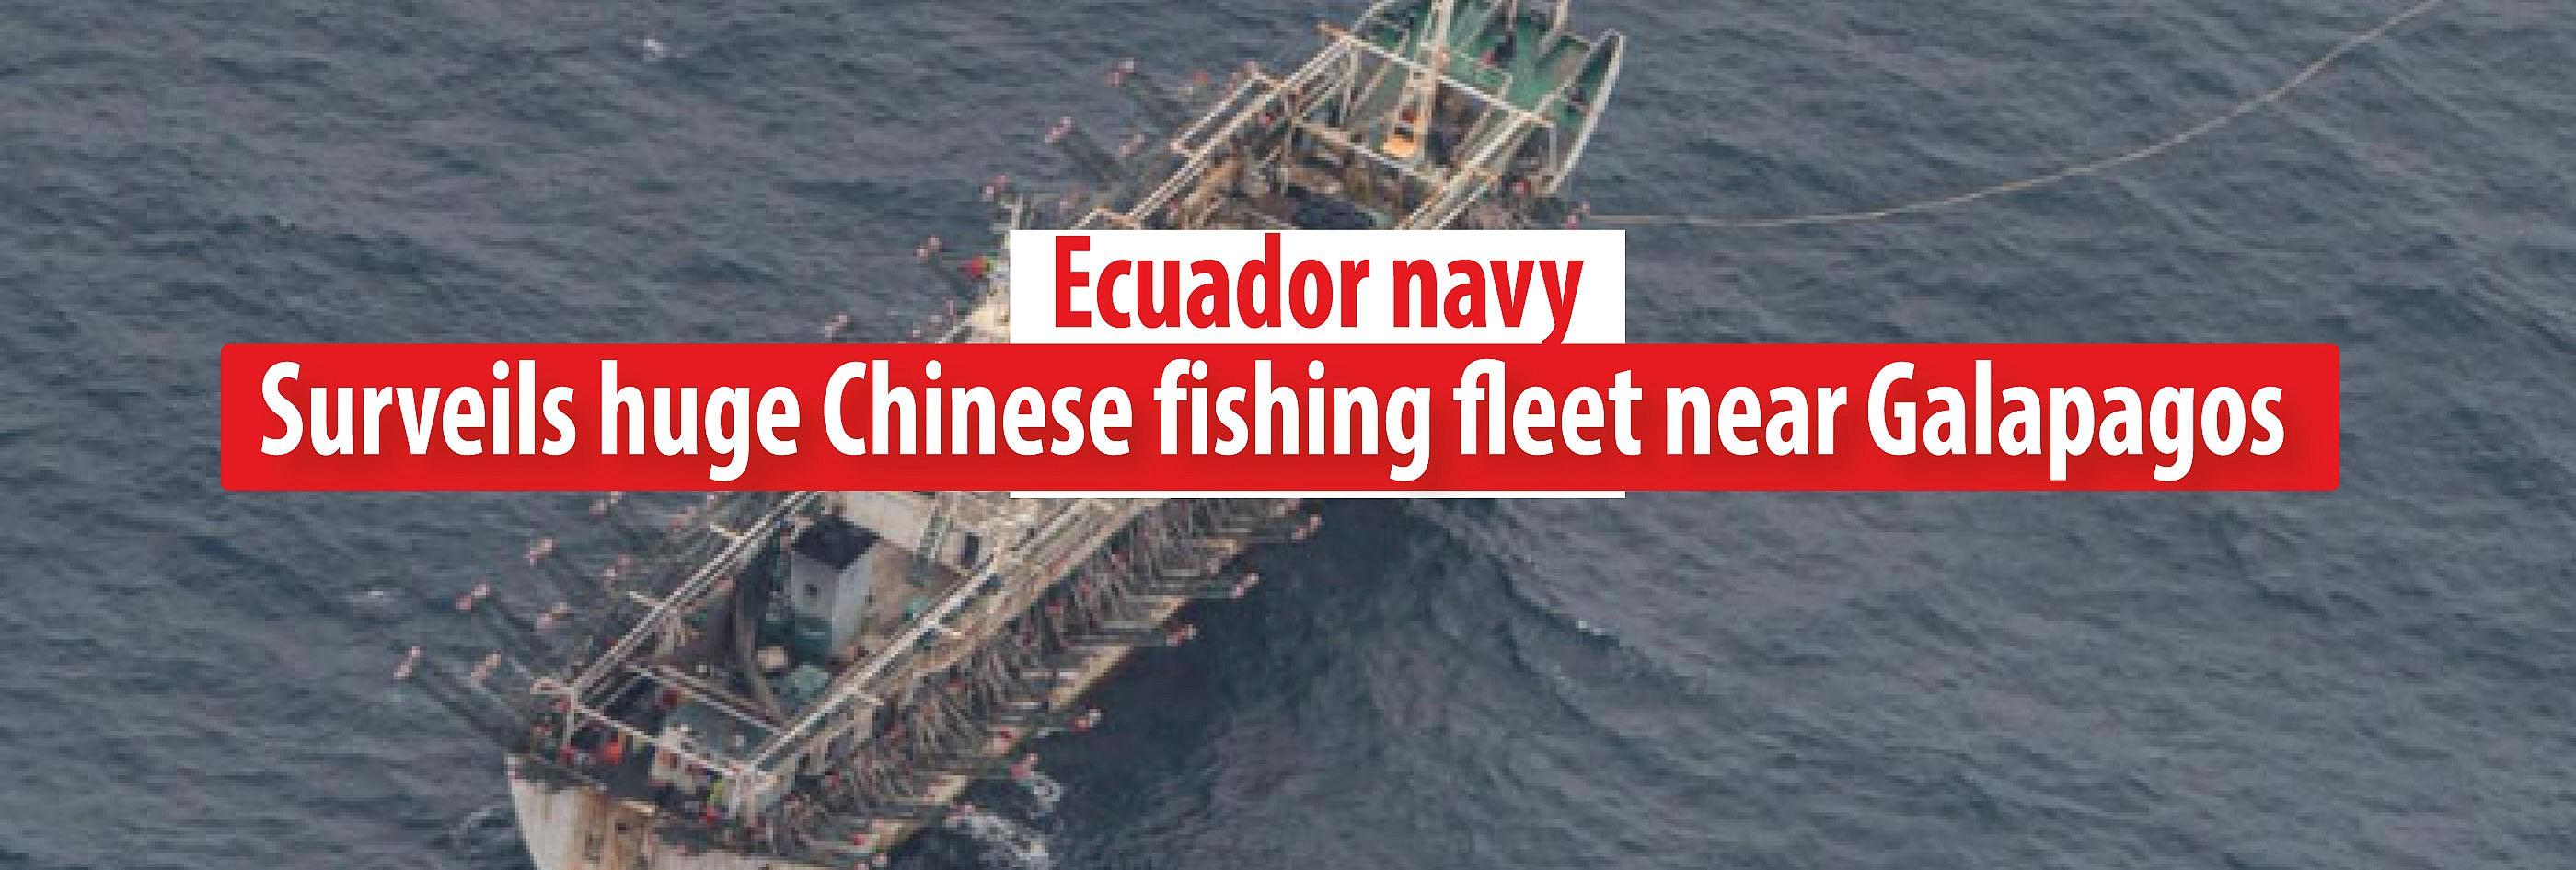 Ecuador navy surveils huge Chinese fishing fleet near Galapagos